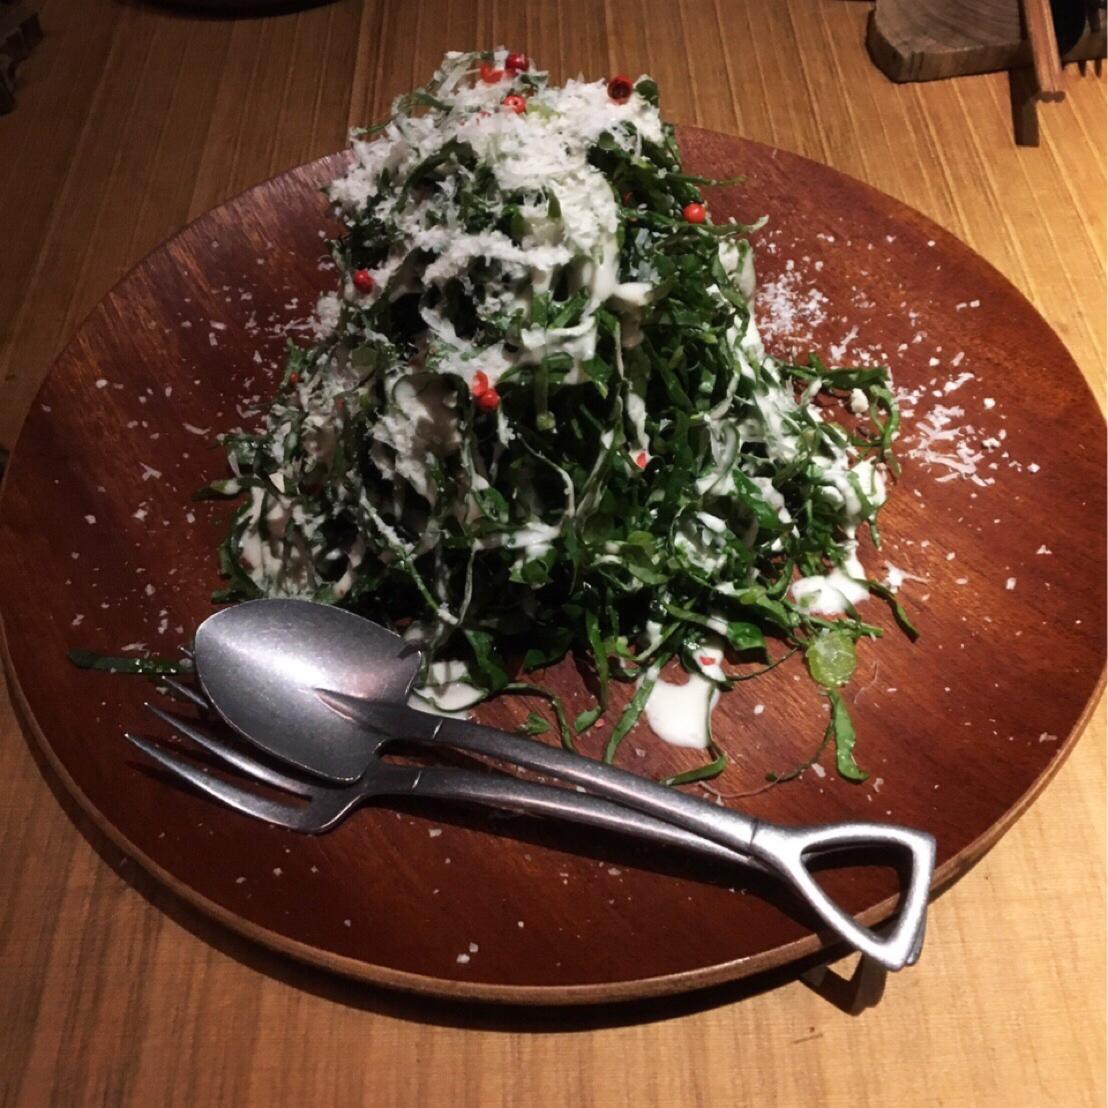 【 第11回❤︎ 】身体の中から美しく!美味しいサラダが食べられる都内のオシャレカフェ5選*_1_6